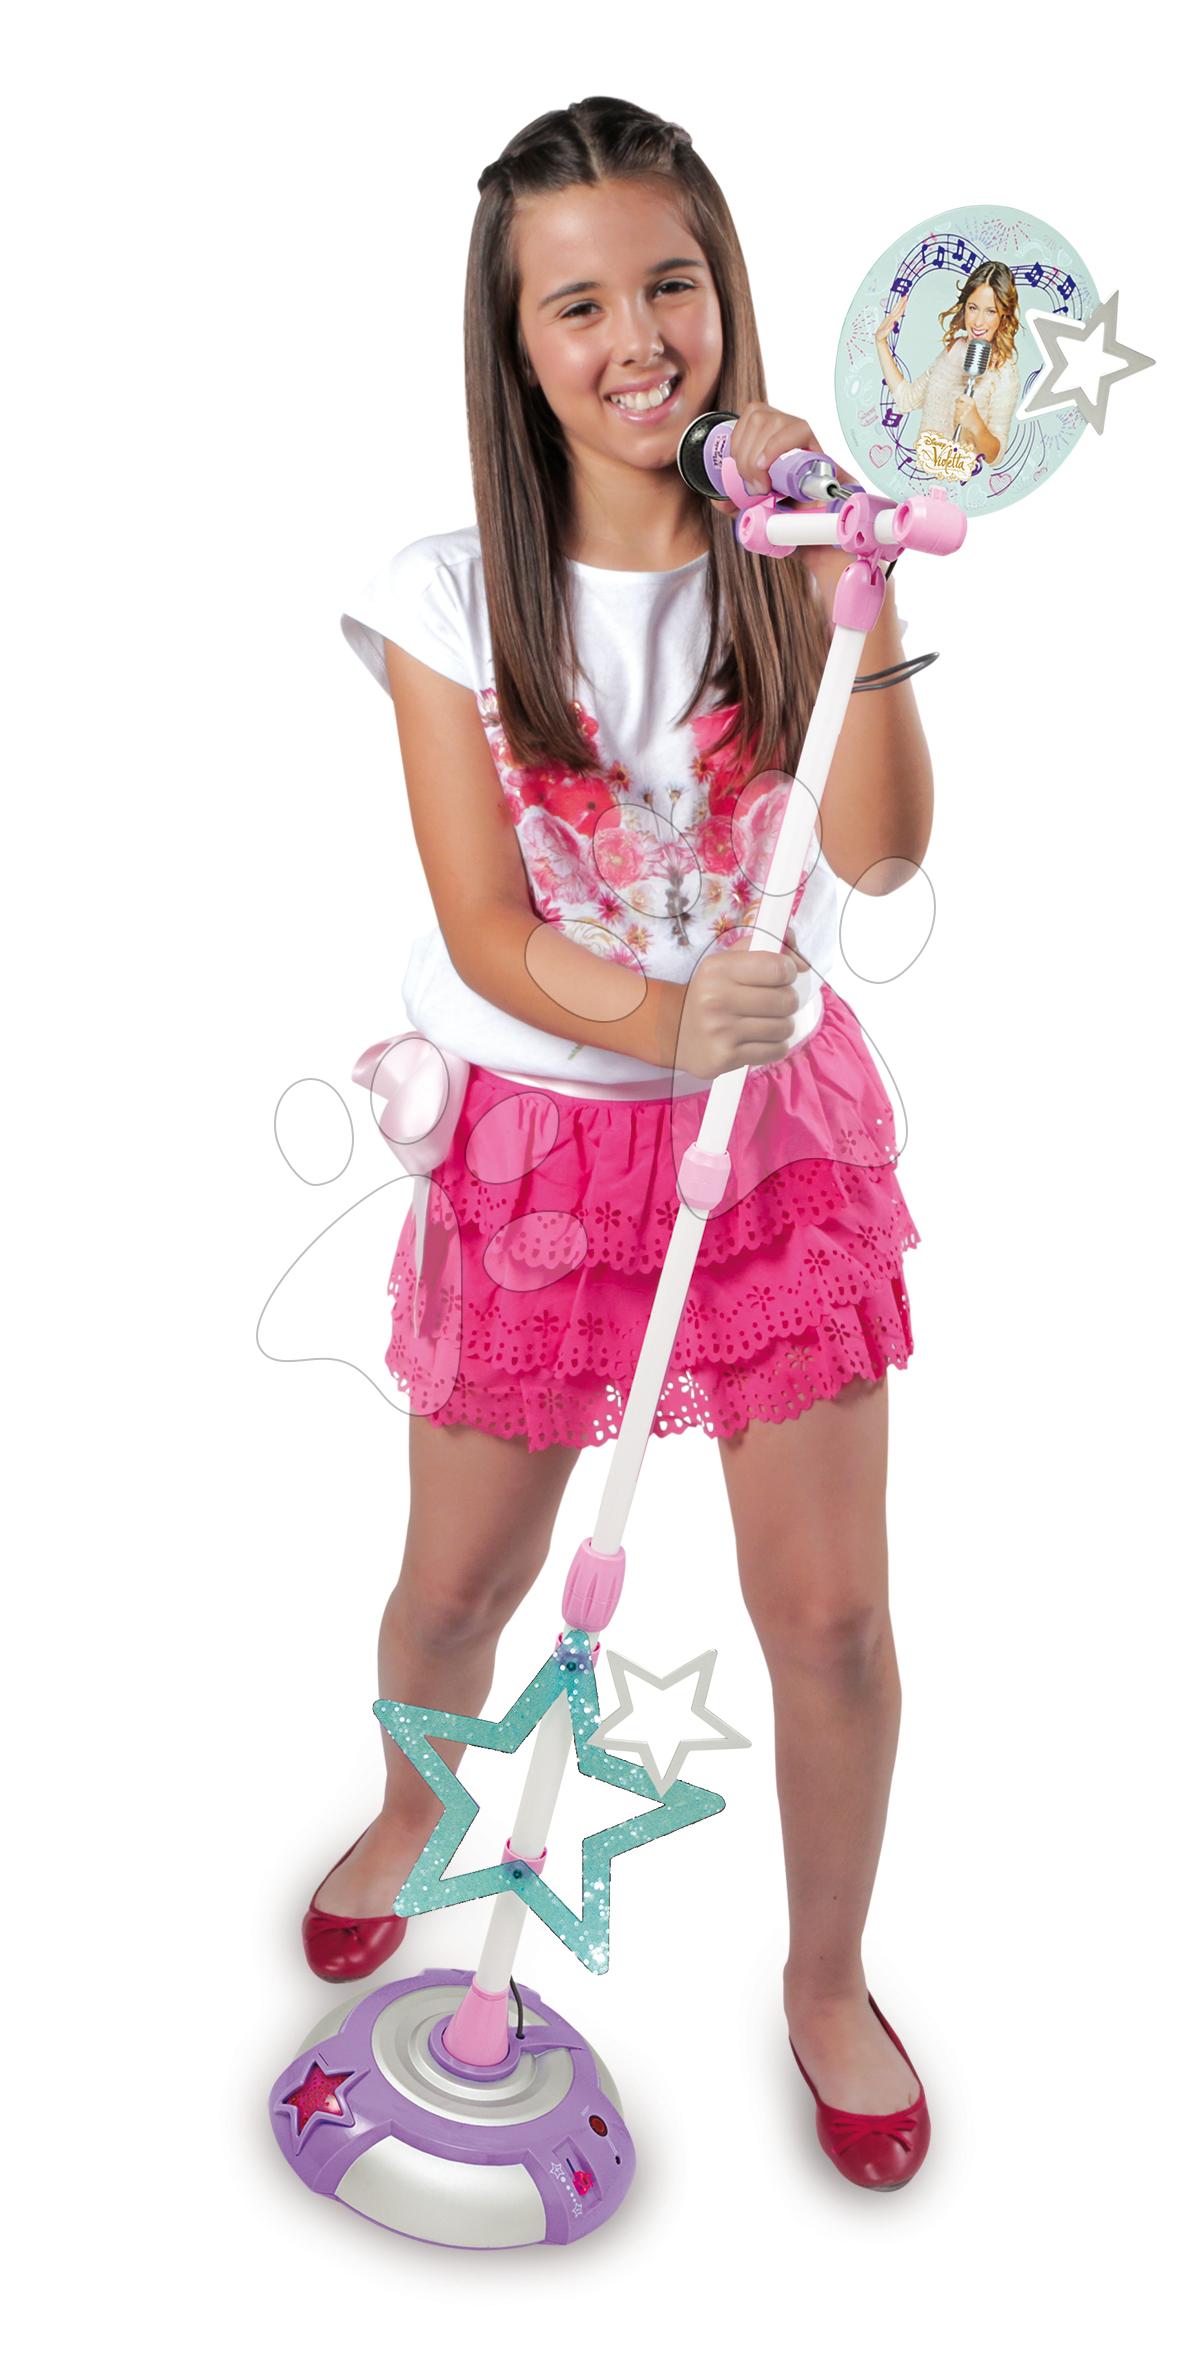 Detské hudobné nástroje - Mikrofón Violetta Zlatá edícia Smoby so stojanom ružovo-biely